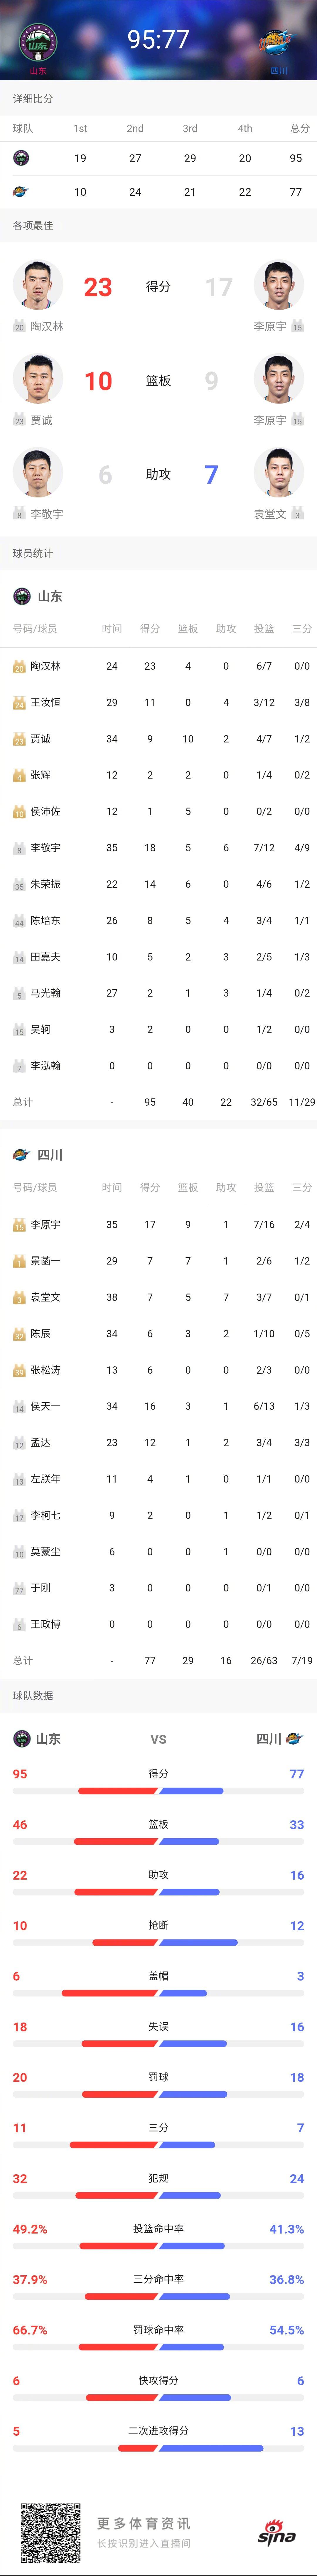 @山东西王篮球俱乐部官微 95-77主场战胜@四川金强蓝鲸篮球俱乐部官方